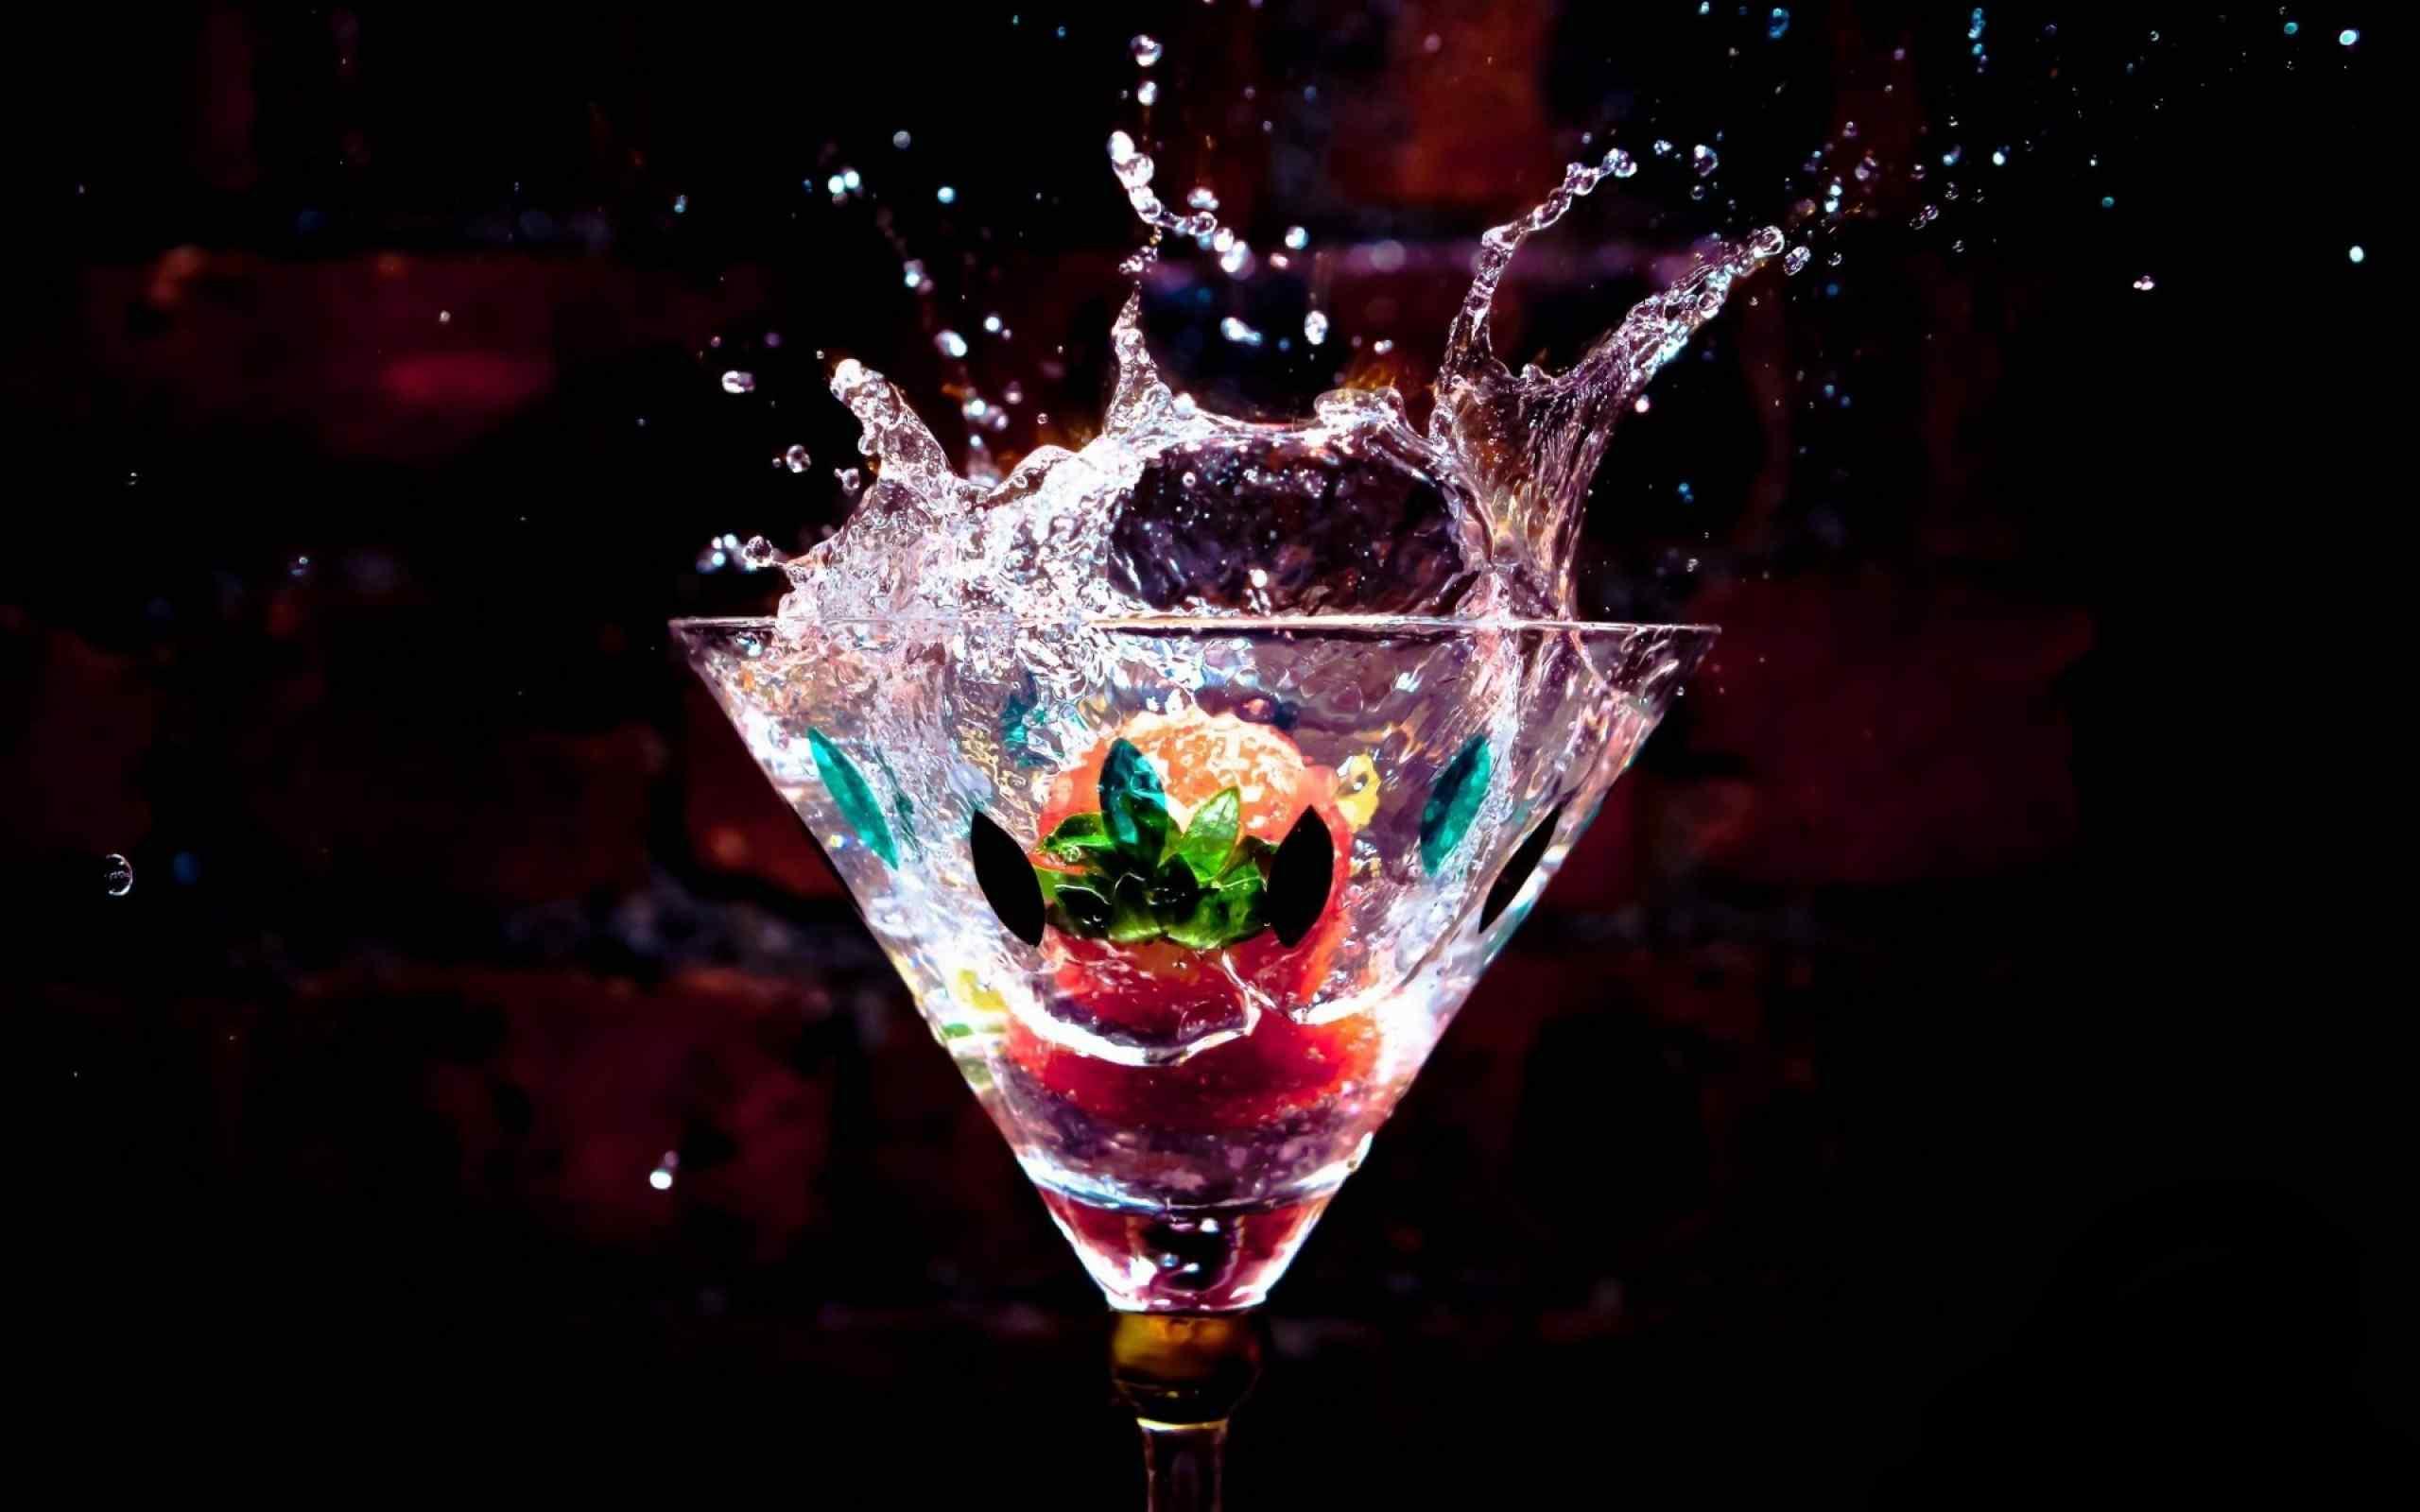 杯中欢快的草莓桌面壁纸